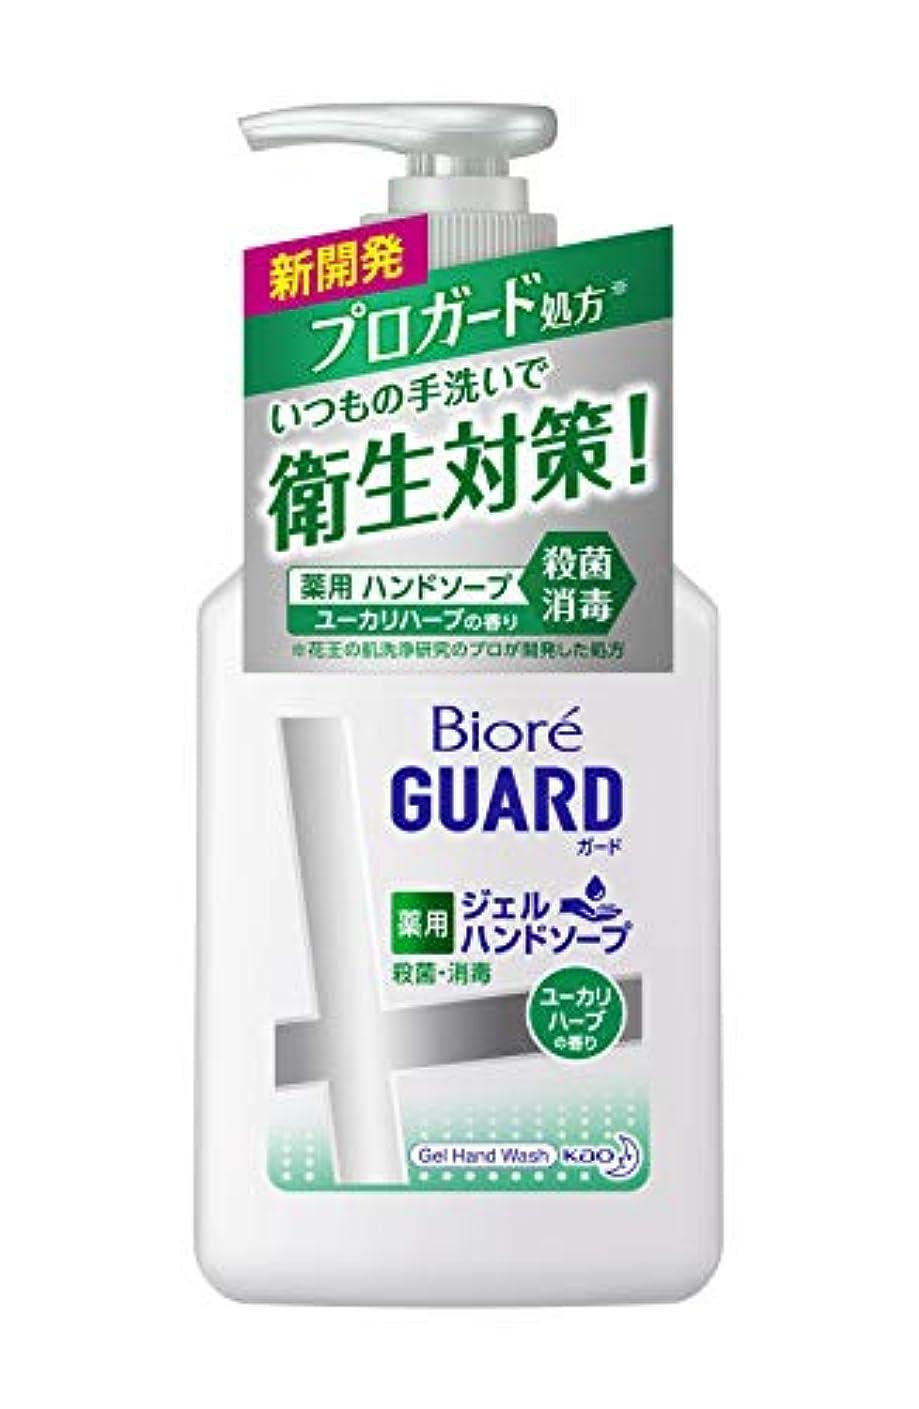 弁護士利用可能無数のビオレ GUARD ハンドジェルソープ ポンプ ユーカリハーブの香り 250ml